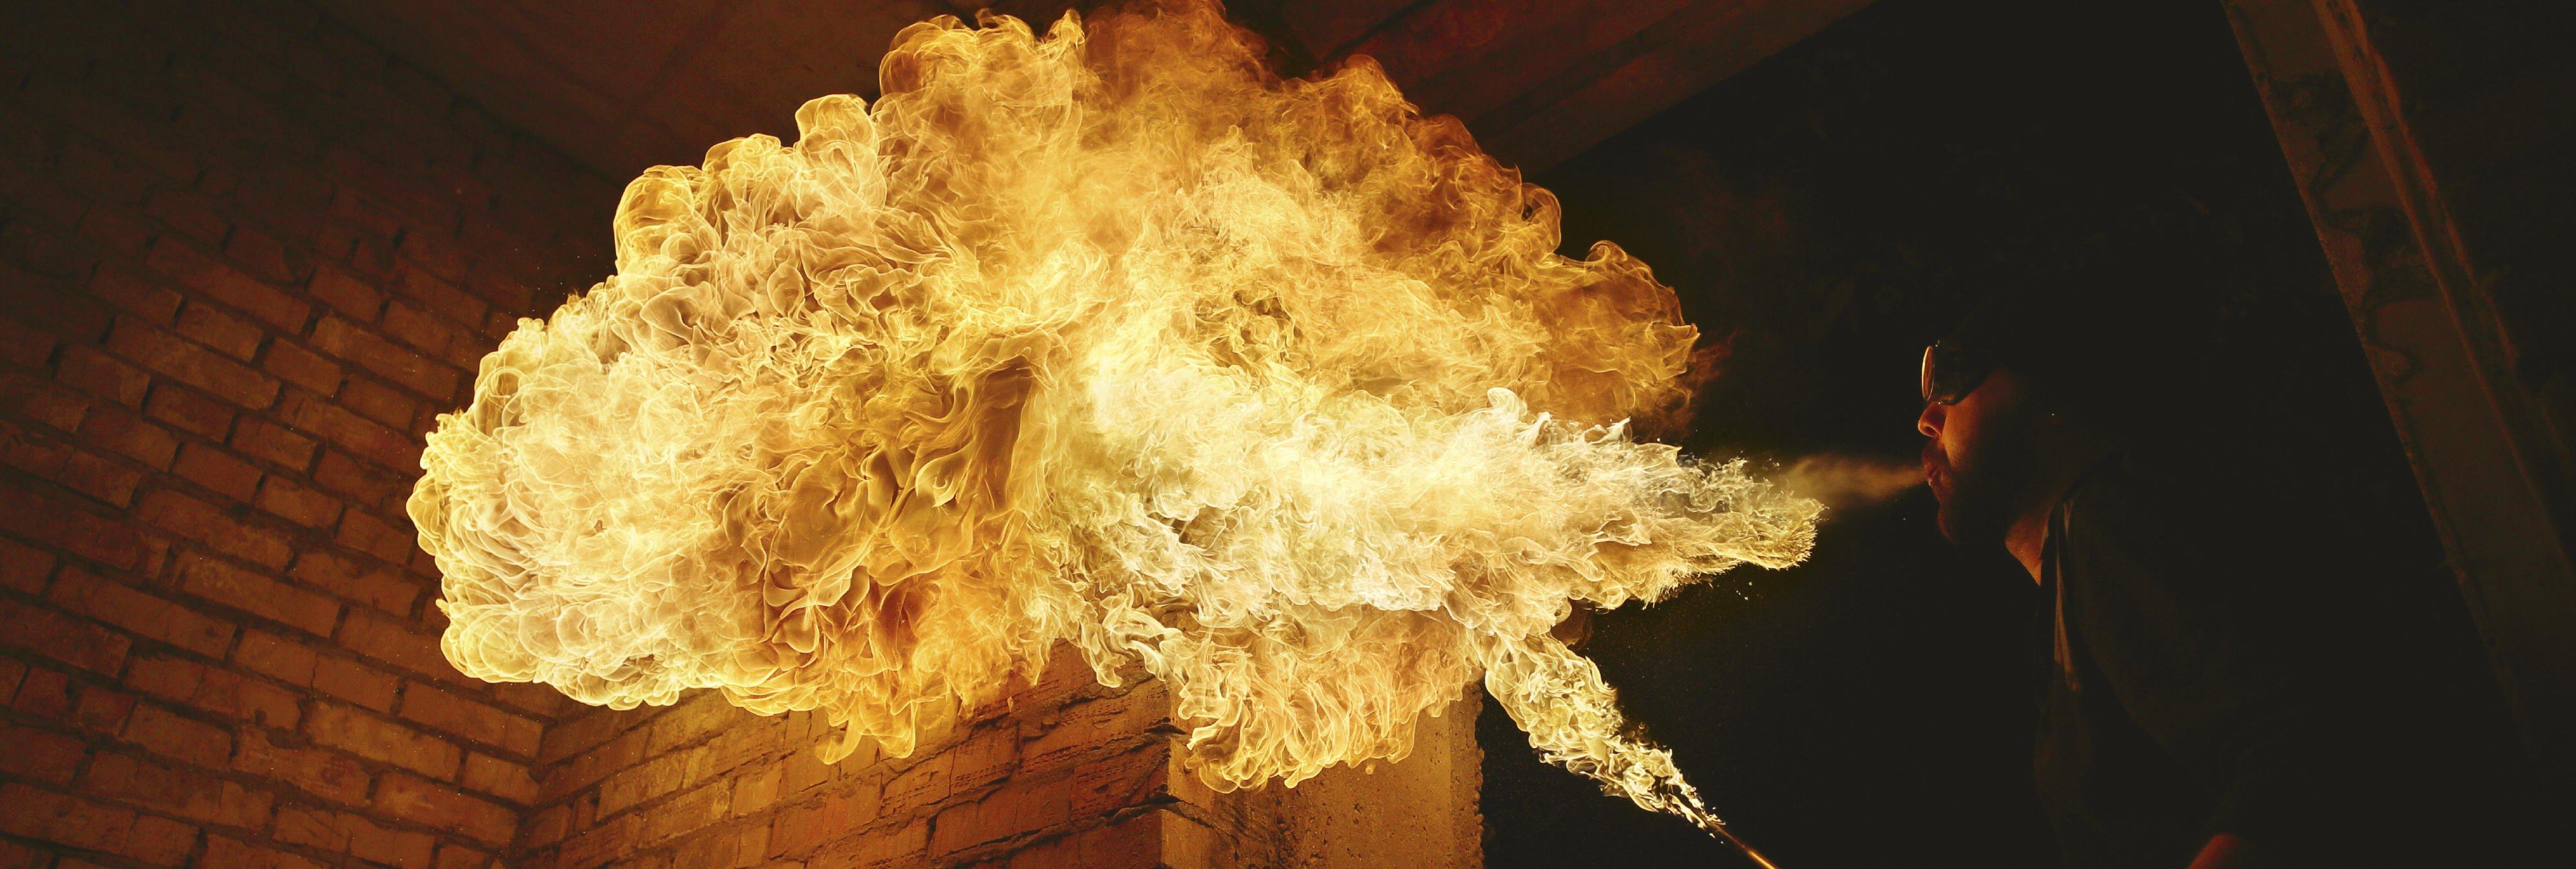 Mujer muere quemada 'alimentando las llamas' de la combustión espontánea humana